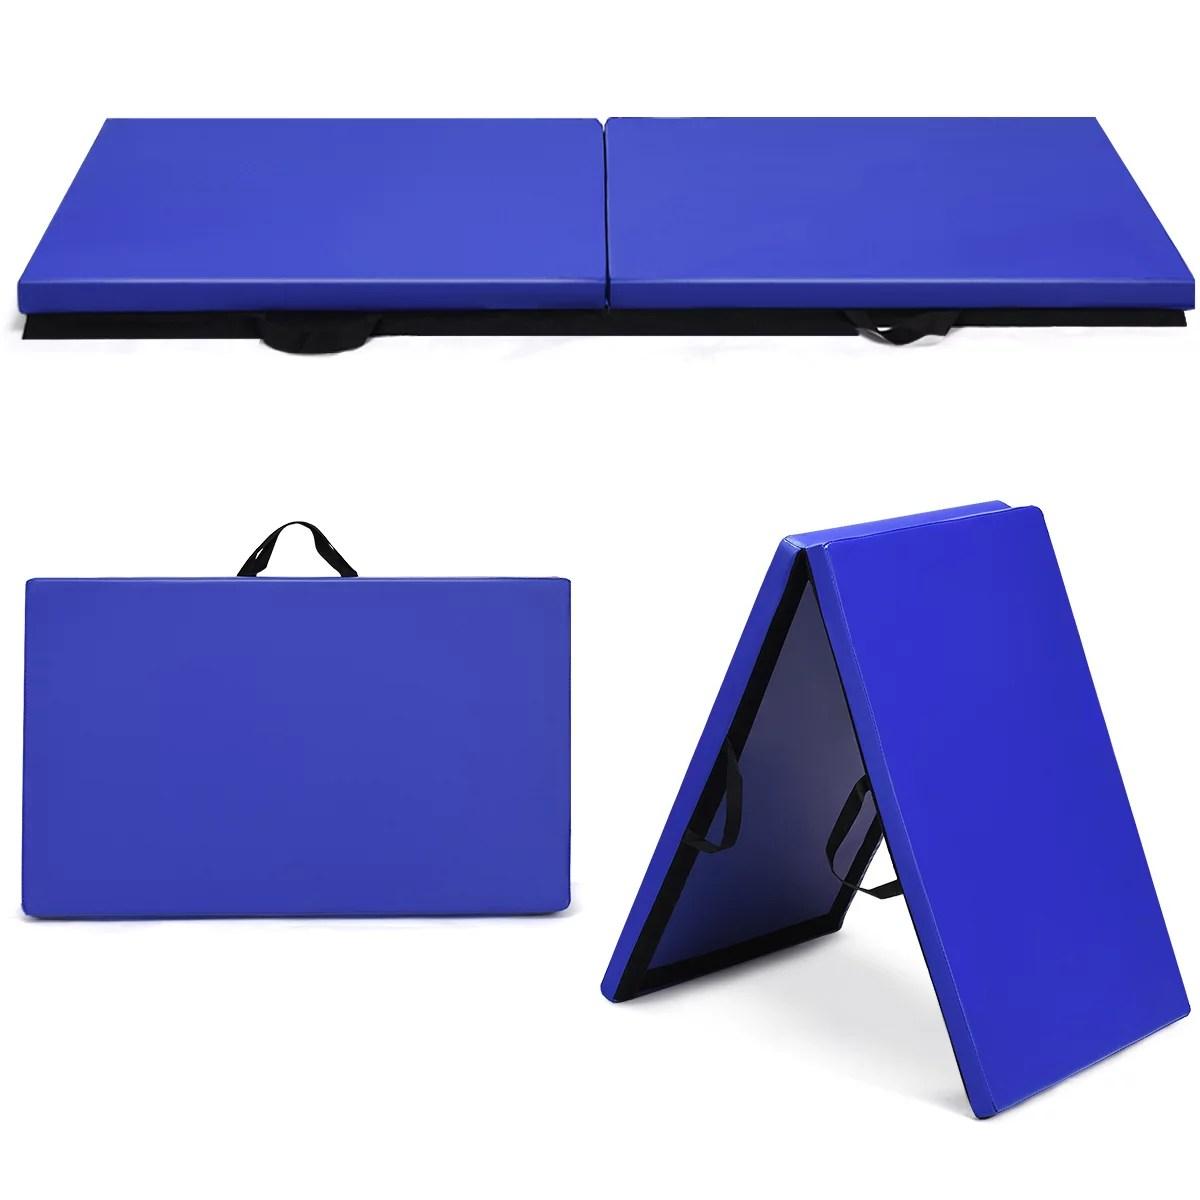 costway matelas gymnastique pliant 180 x 60 x 3 8 cm tapis de gymnastique pliable natte de gym tapis pliable bleu joint portable